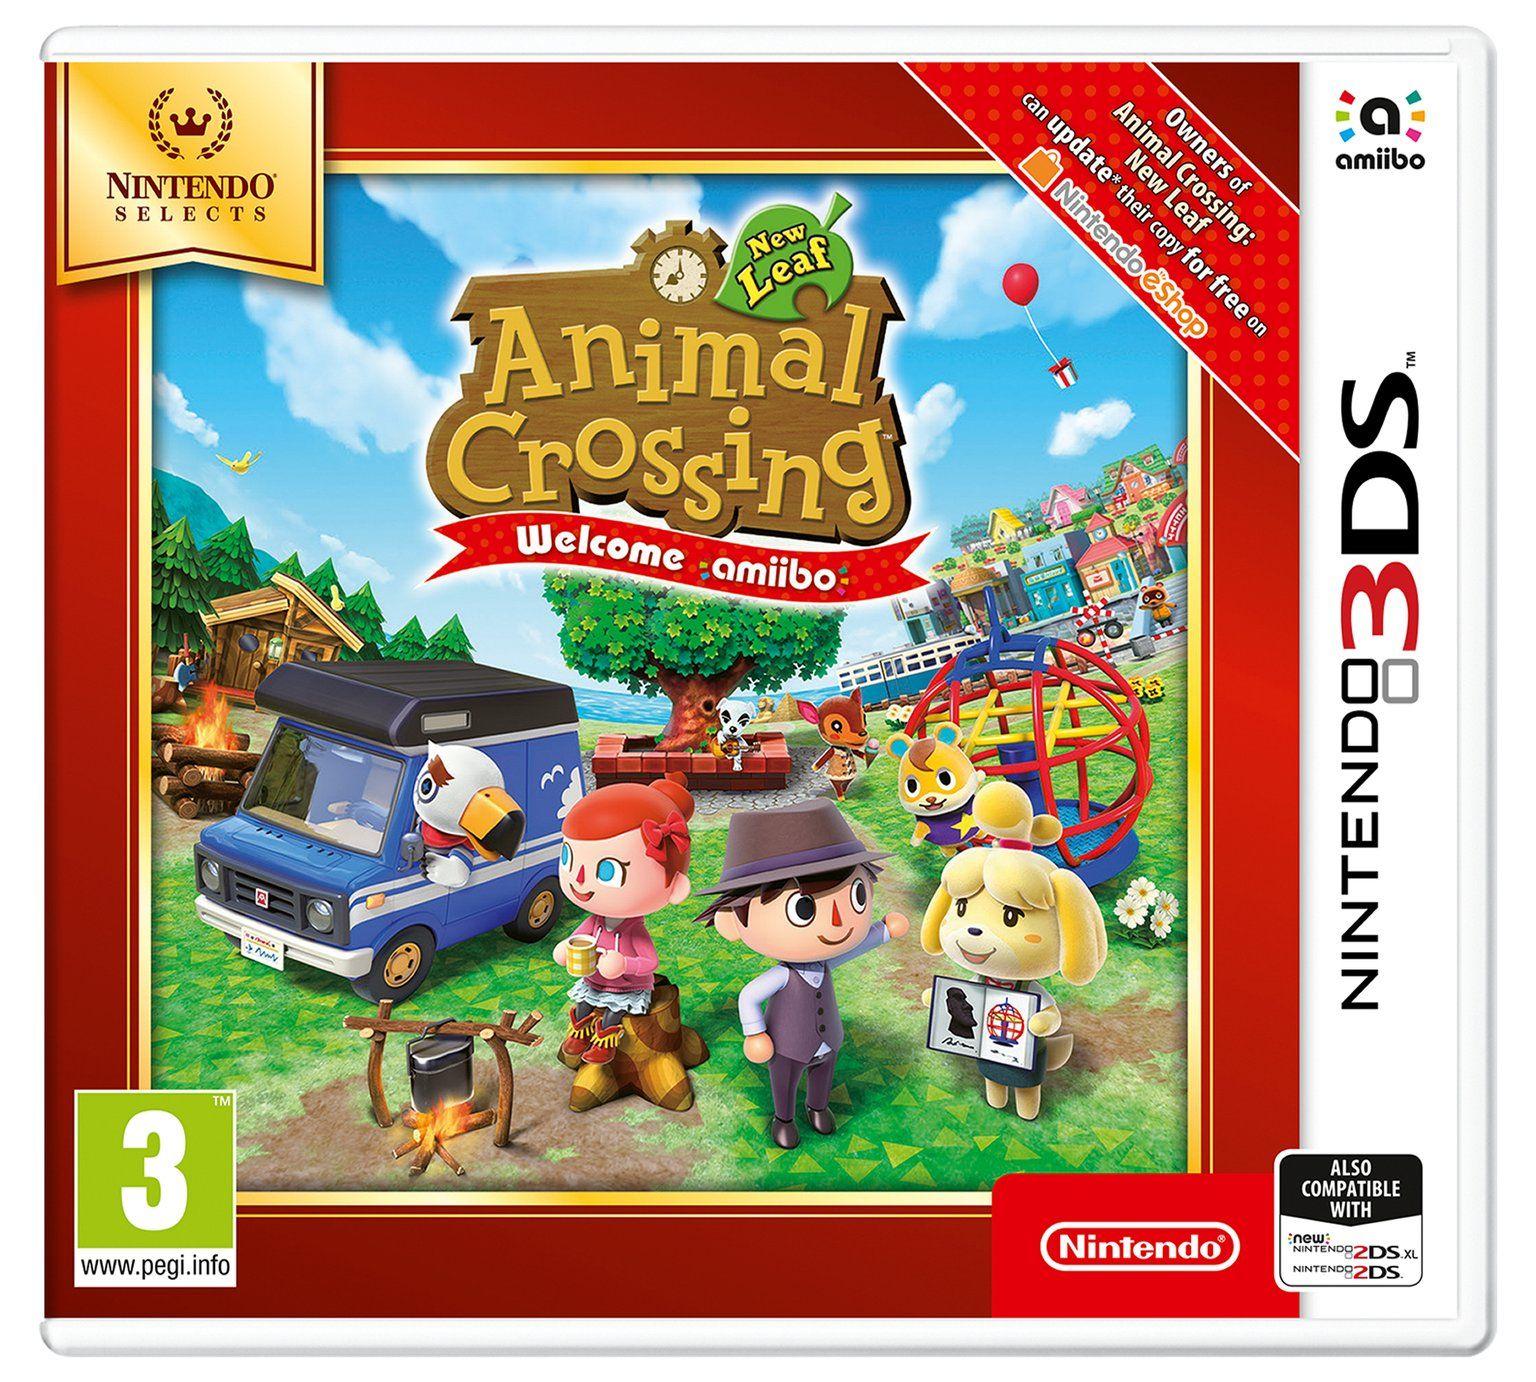 15+ Animal crossing welcome amiibo images